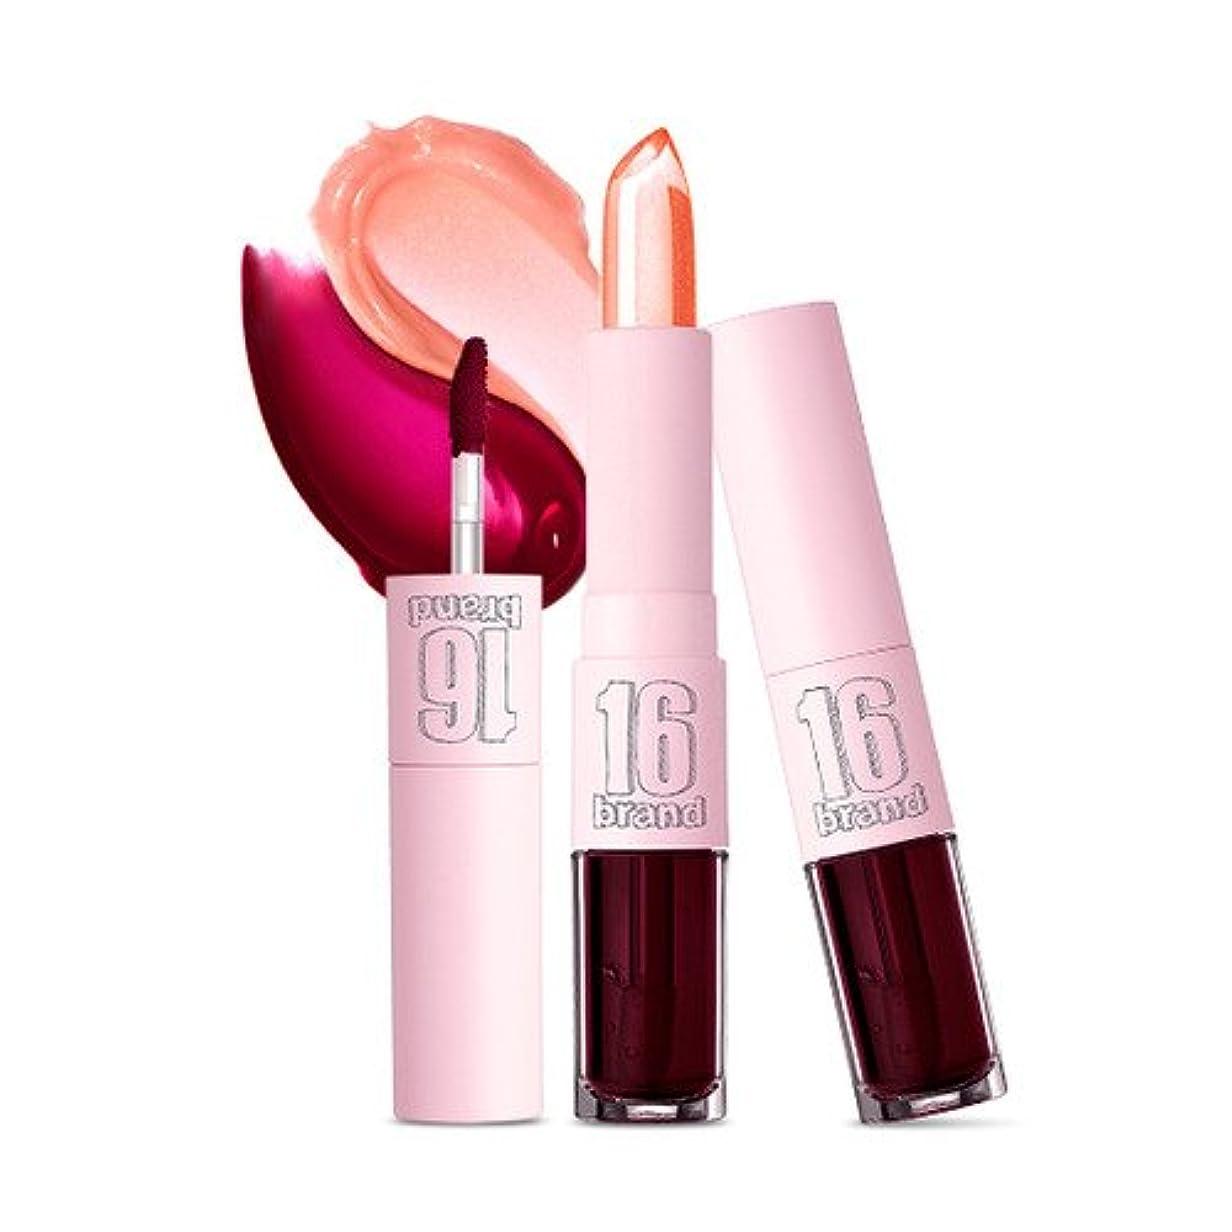 注入する固執何よりも16brand T&G [Tint + Glow Balm] 3.2g + 3g/16ブランド T&G [ティント + グロウ バーム] 3.2g + 3g (#Pink Ade) [並行輸入品]